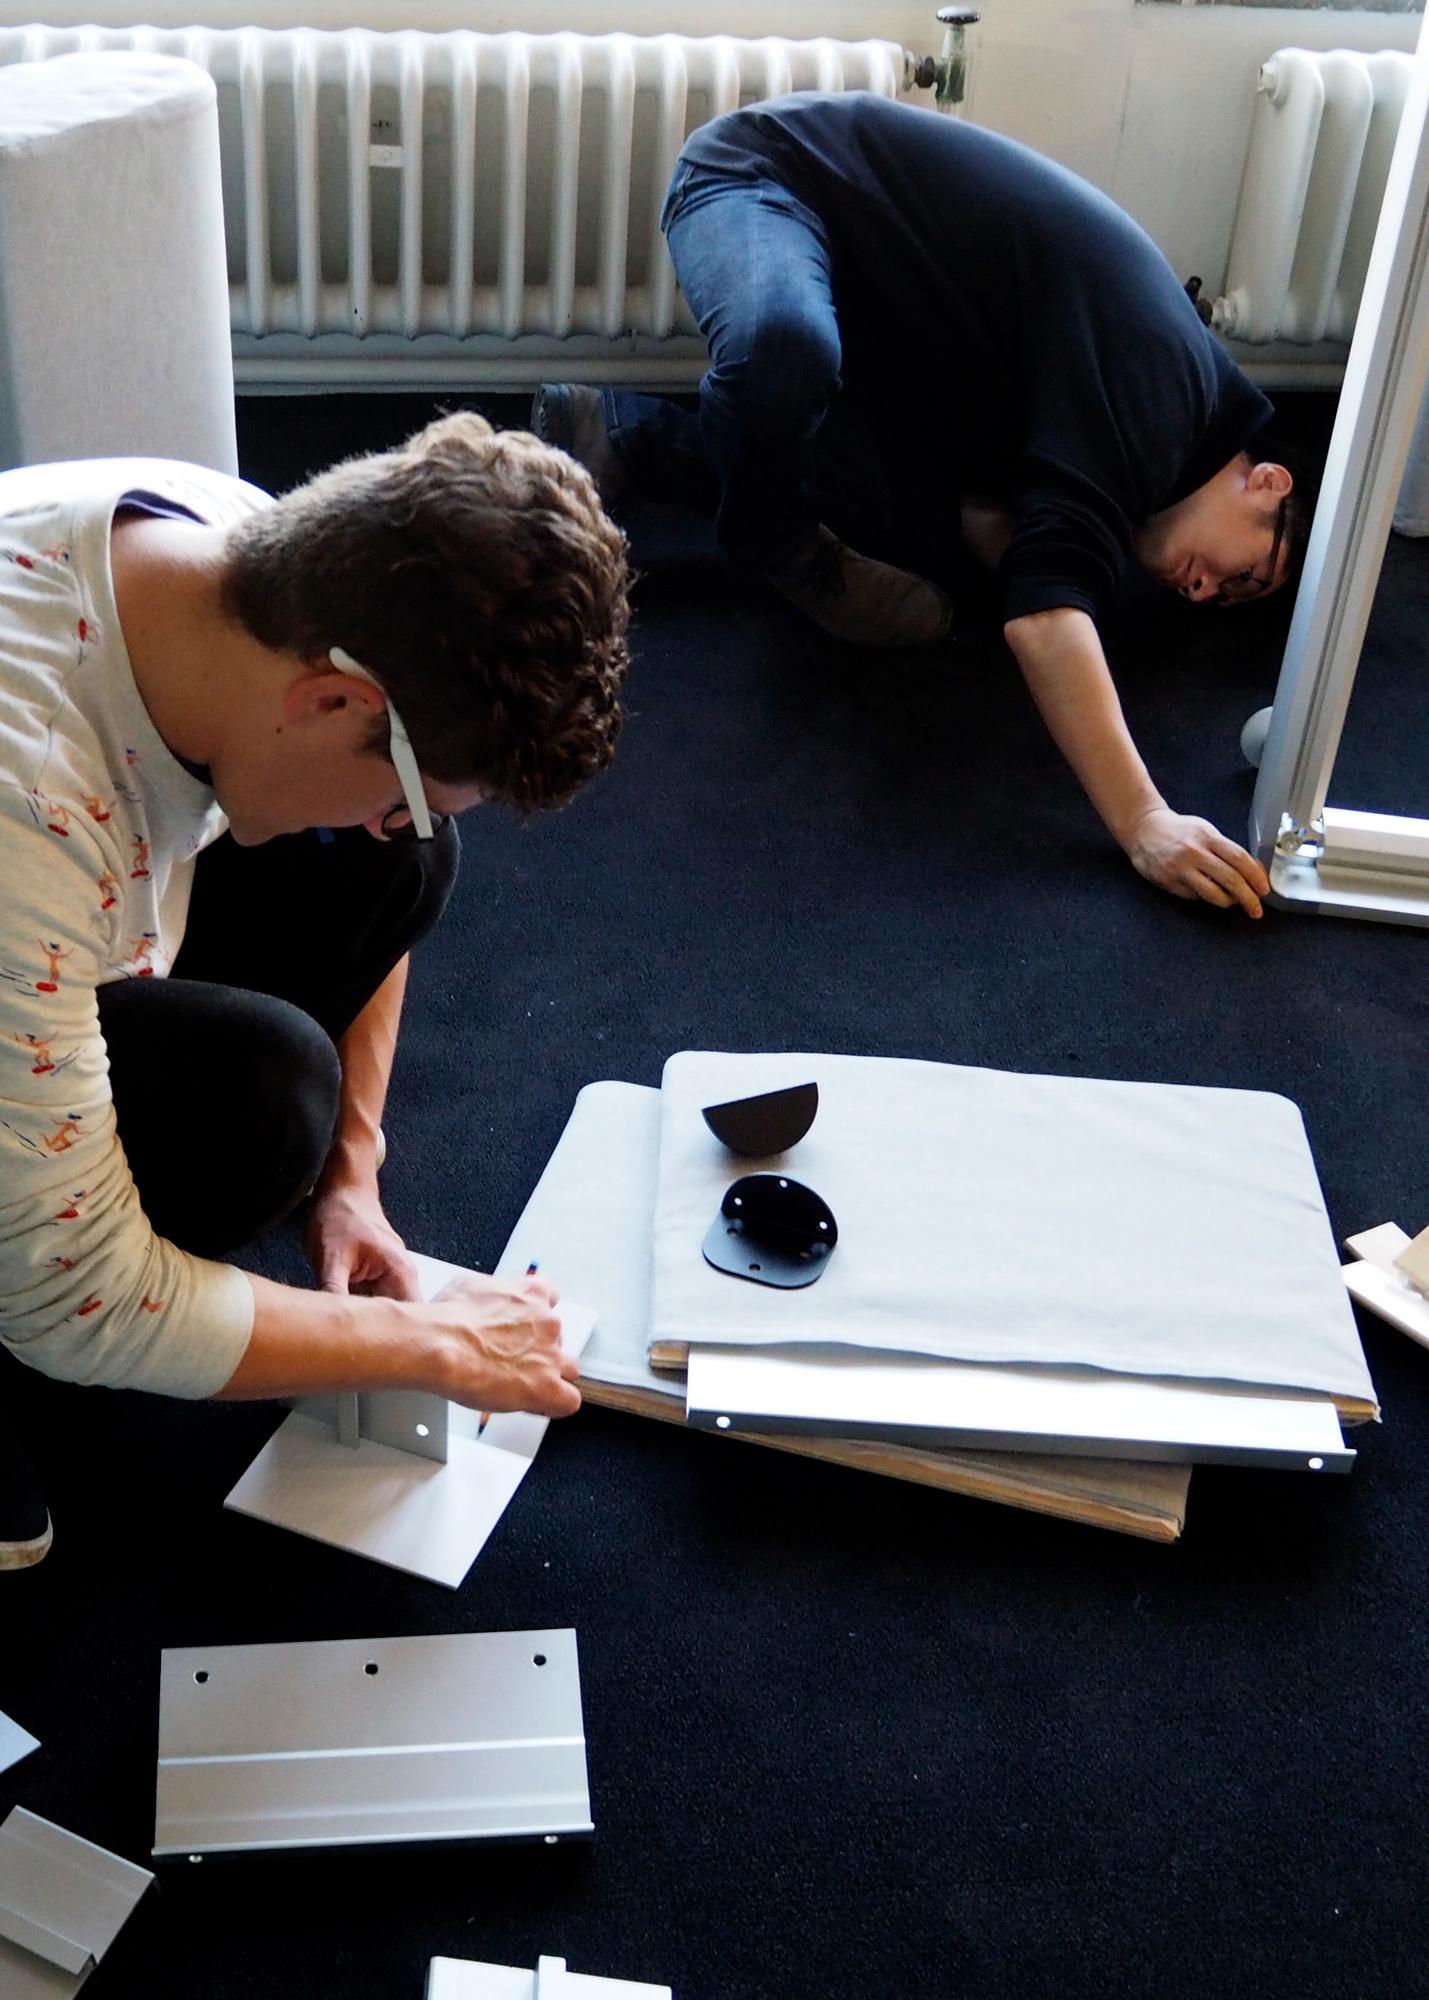 ikea delaktig m bel hacken und erweitern statt neue kaufen. Black Bedroom Furniture Sets. Home Design Ideas